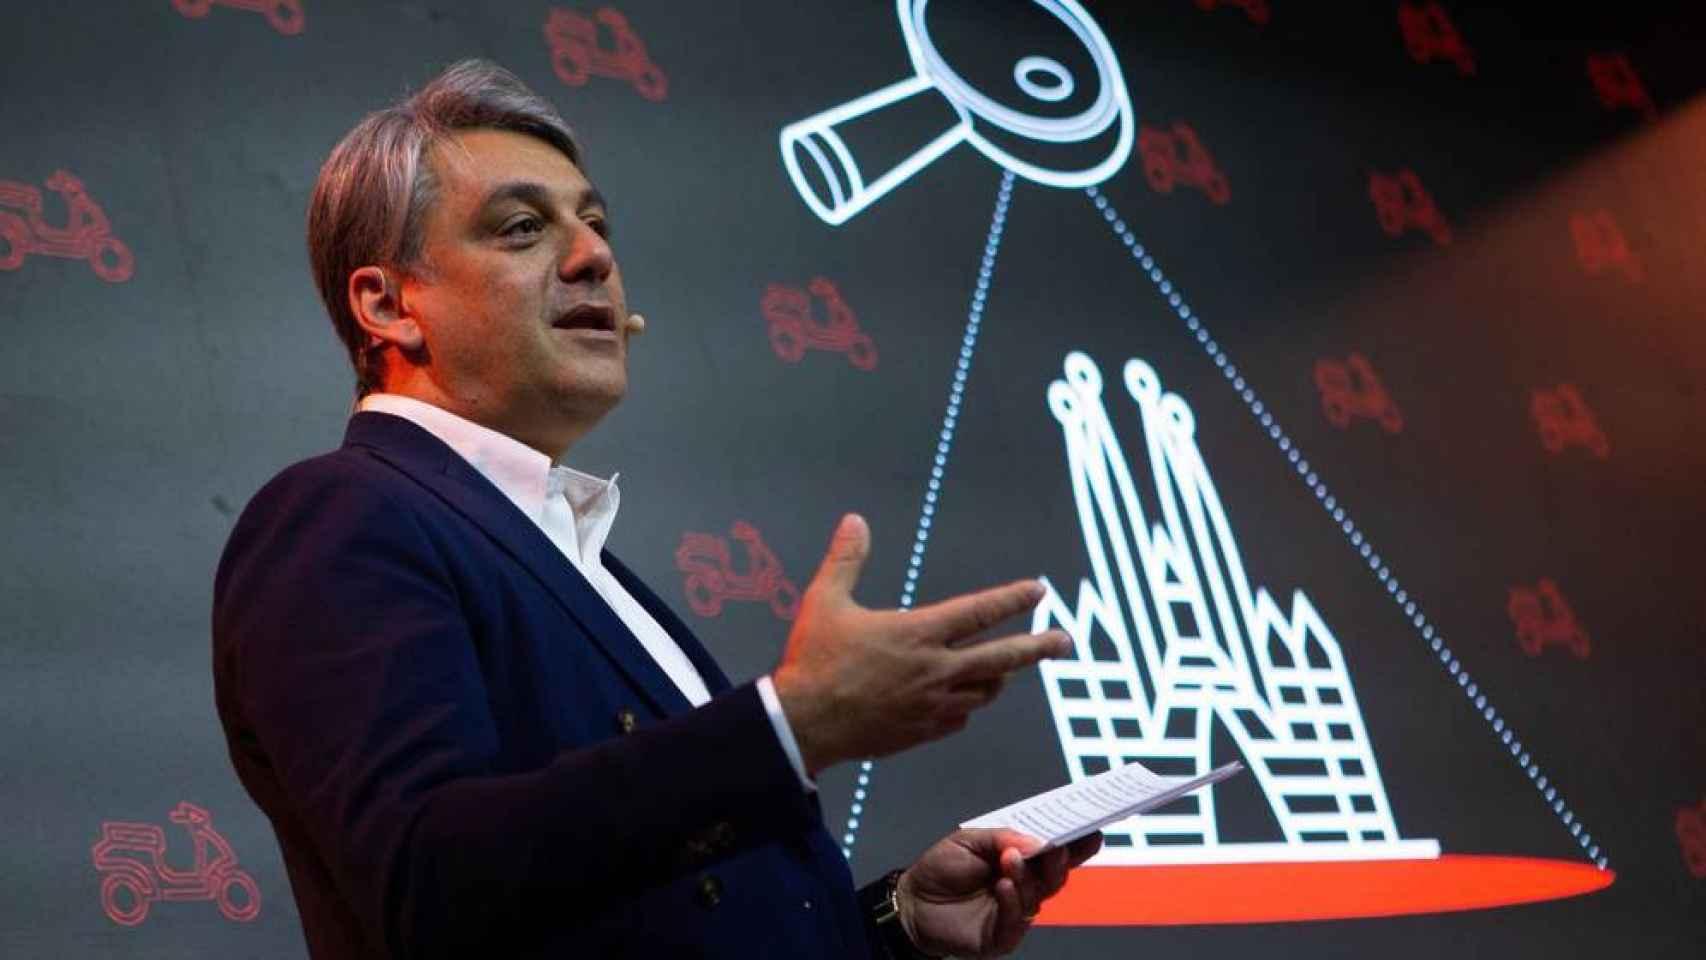 El presidente de Seat, Luca de Meo, en un acto en Barcelona.